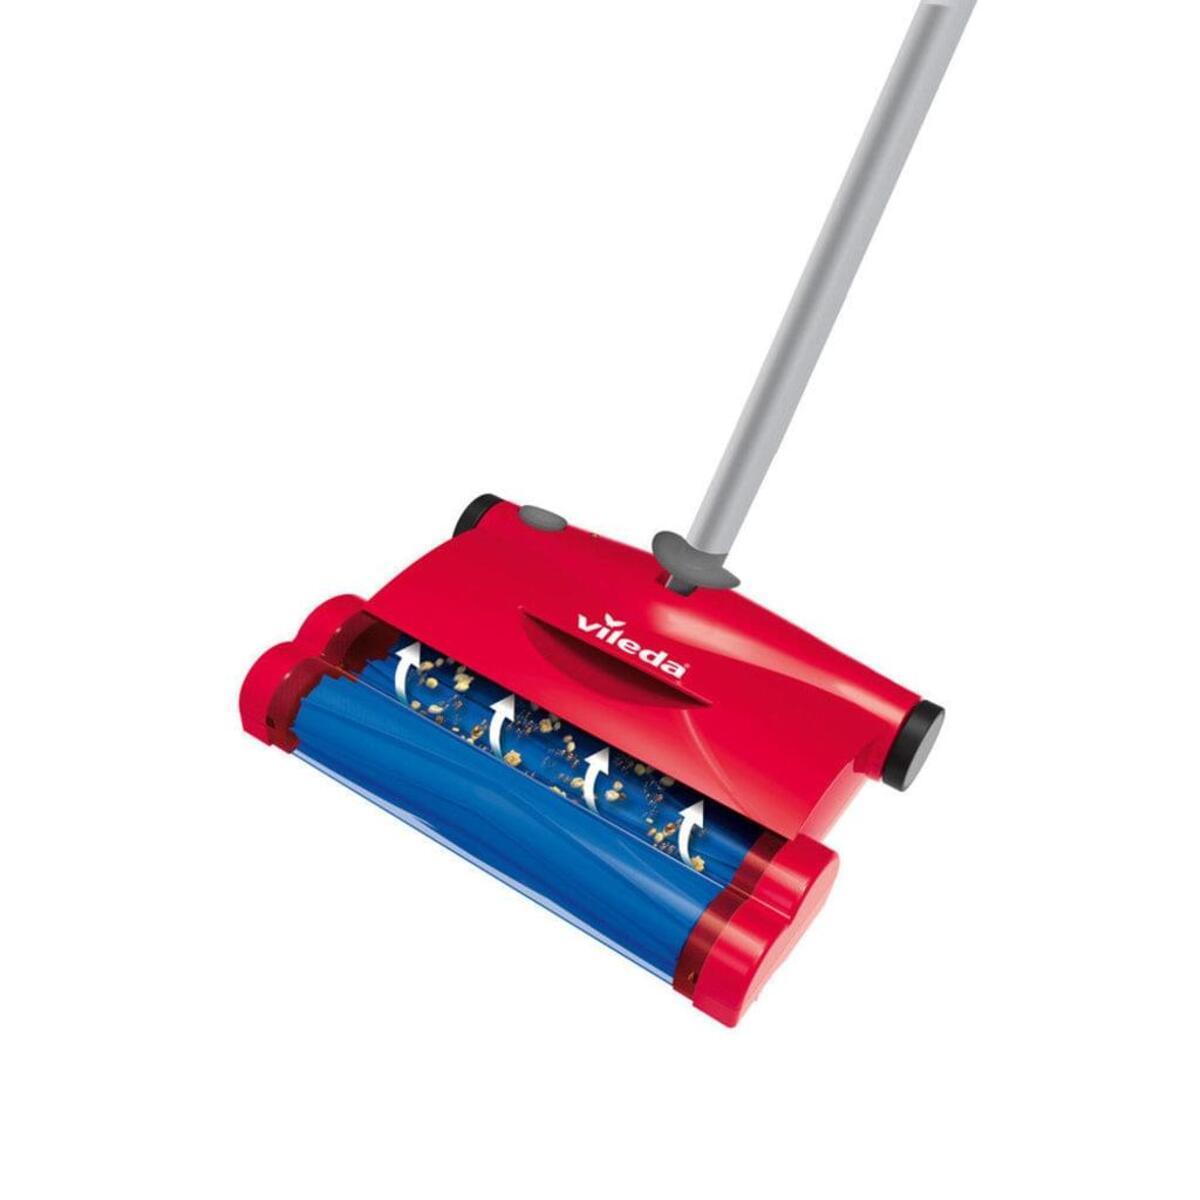 Bild 2 von Vileda Quick & Clean Akkubesen Teppichkehrer Rot Kehrbesen Besen Handstaubsauger